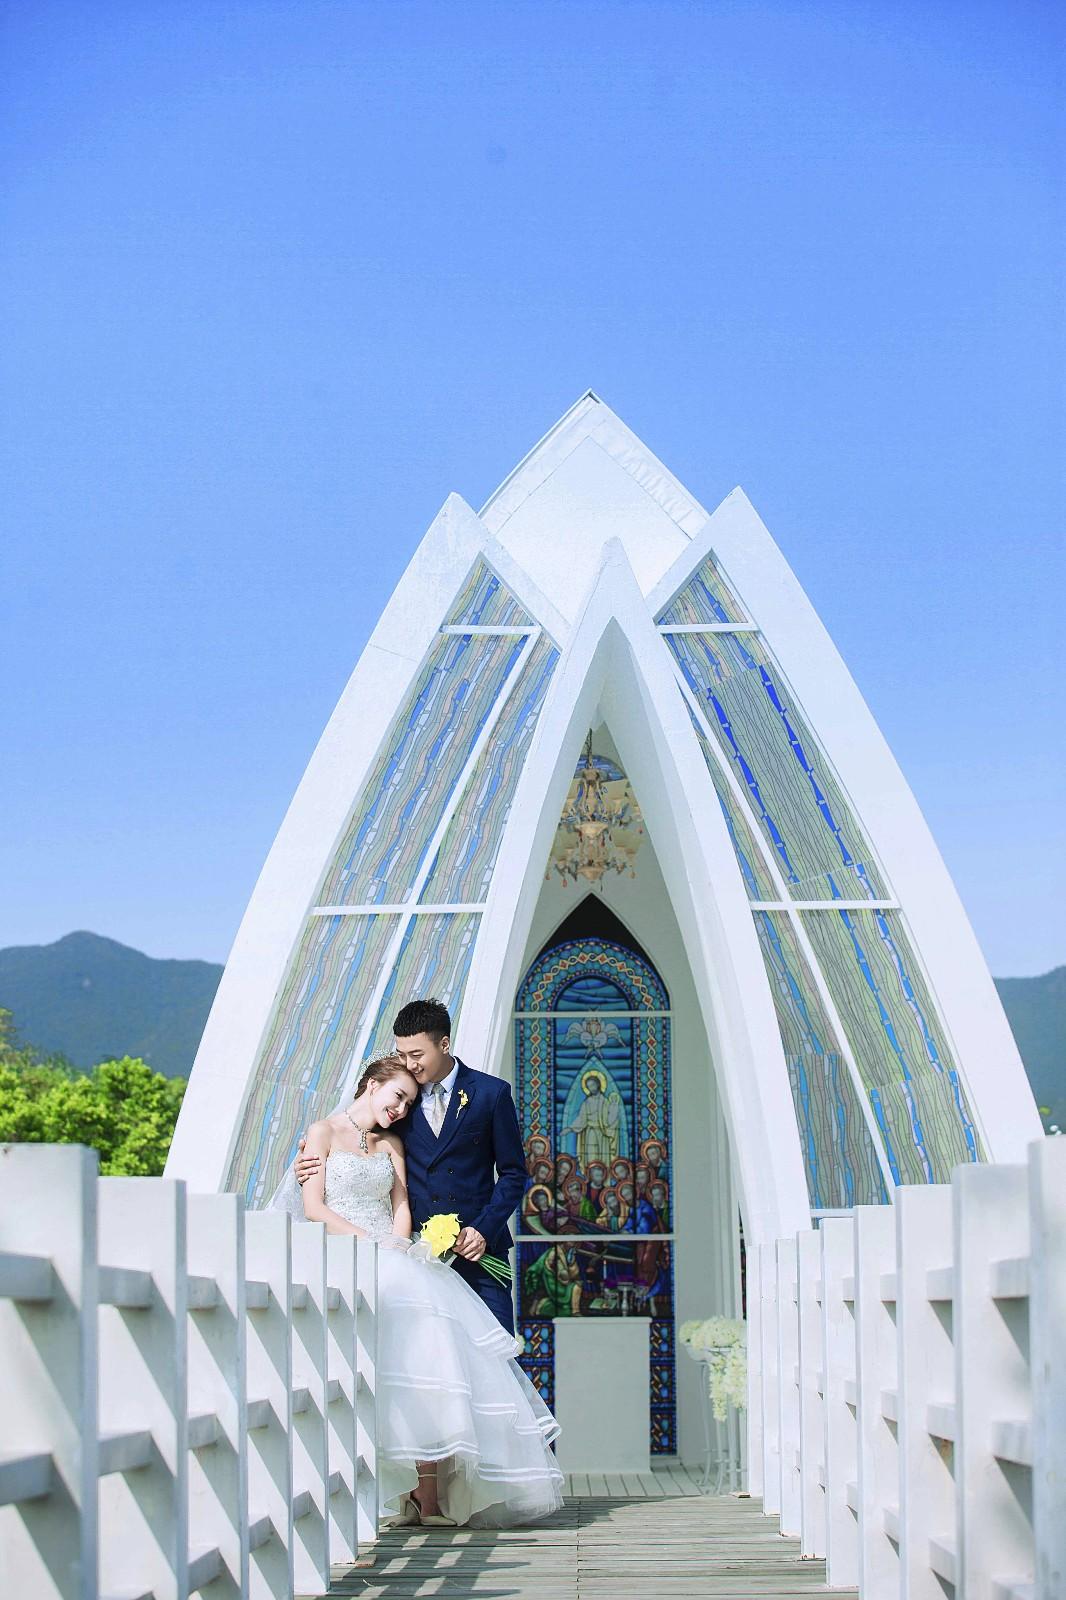 长春婚纱摄影前十名,最新婚纱摄影排行榜